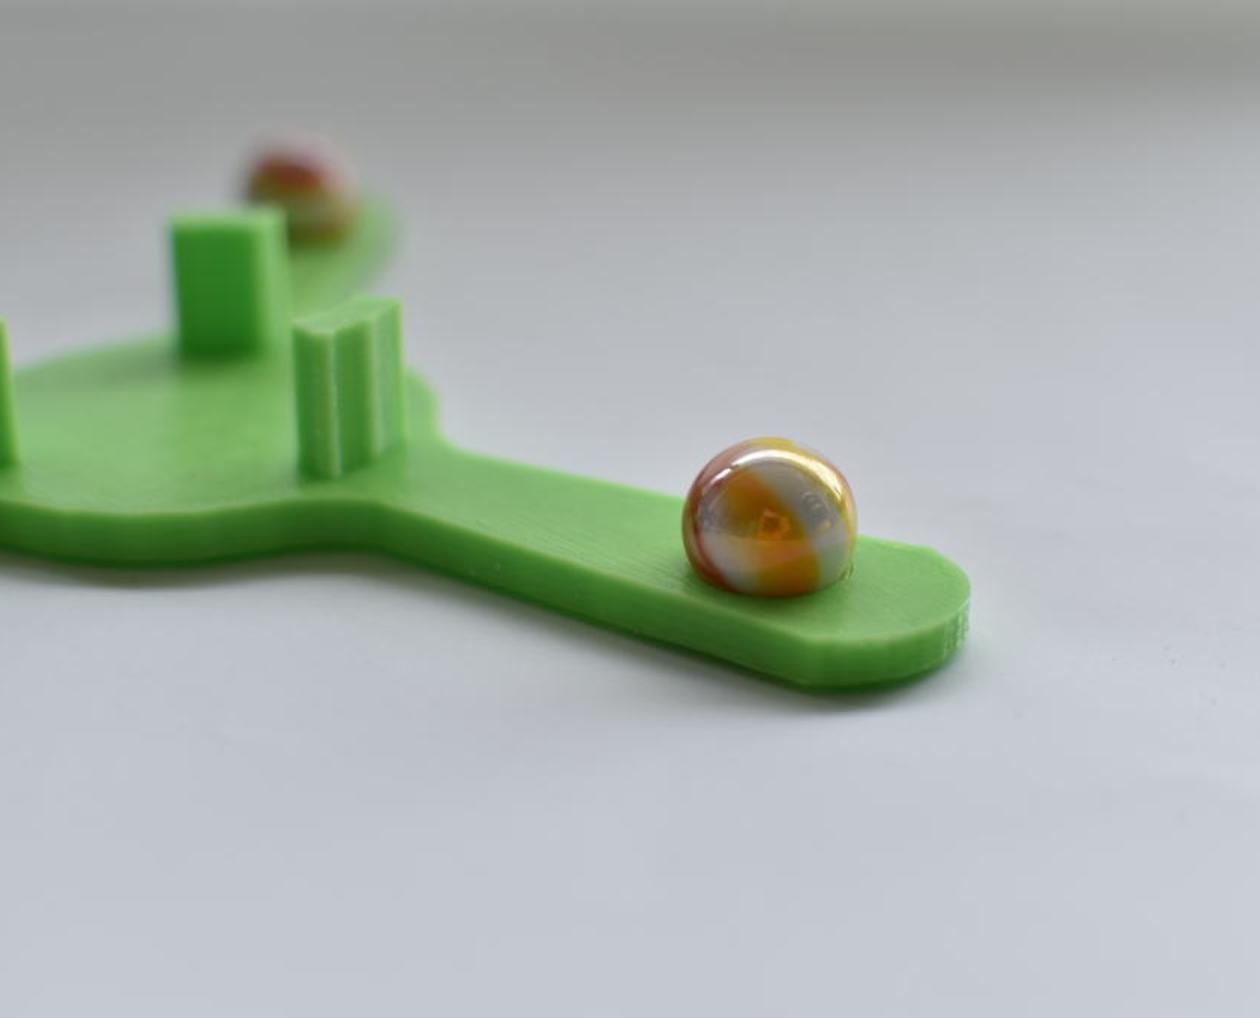 Capture d'écran 2017-05-04 à 11.17.11.png Download free STL file spool holder for several spool filament • 3D printer model, JOHLINK